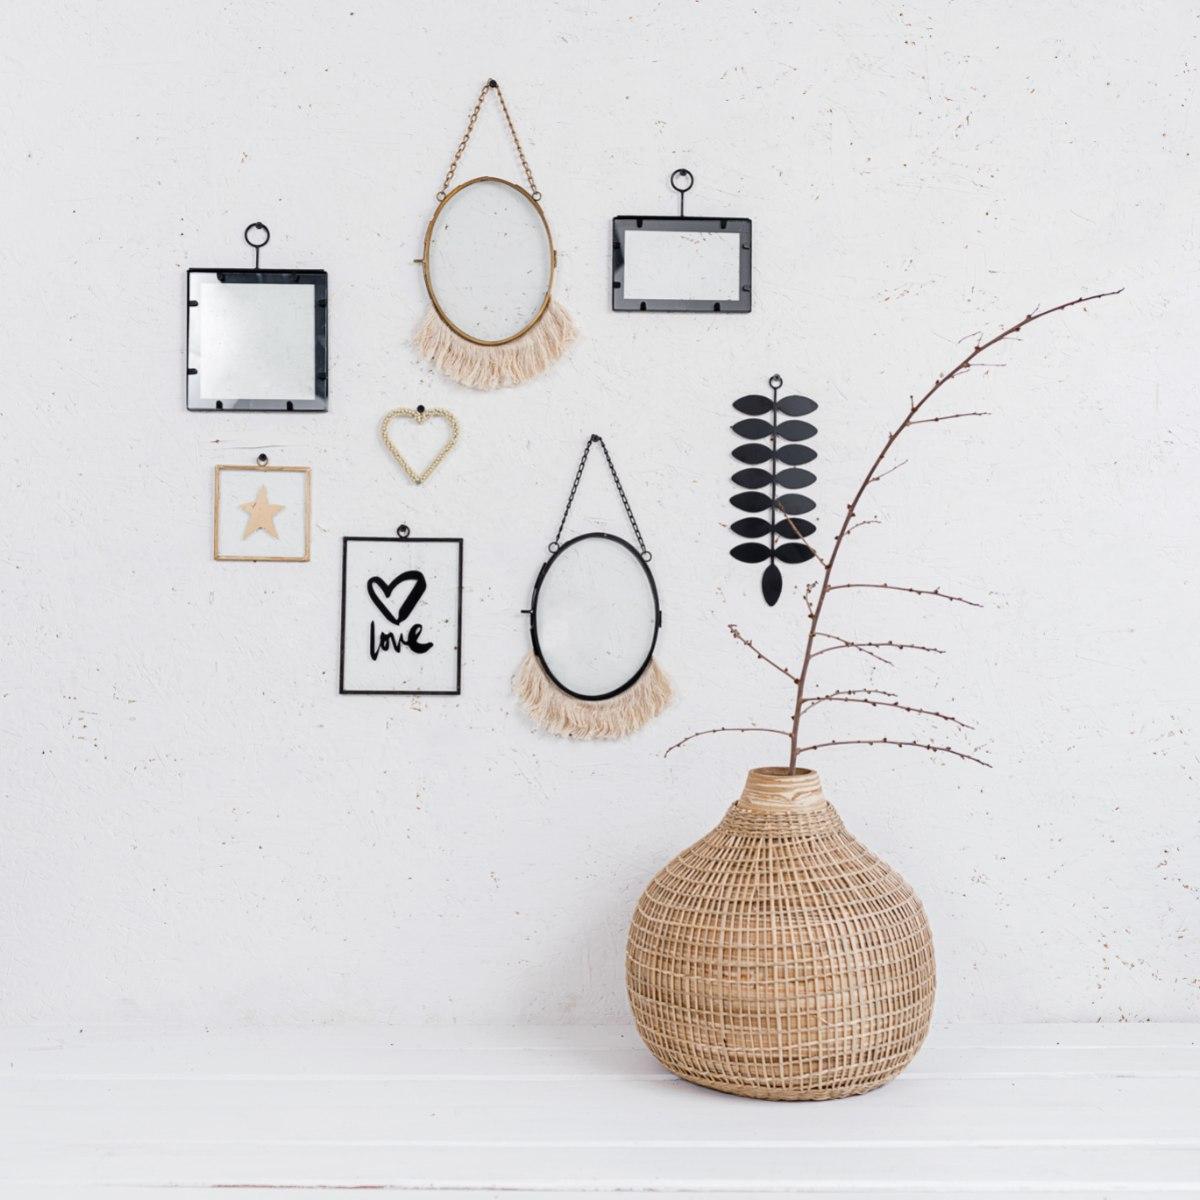 קיר מעוצב עם שילוב אלמנטים שונים